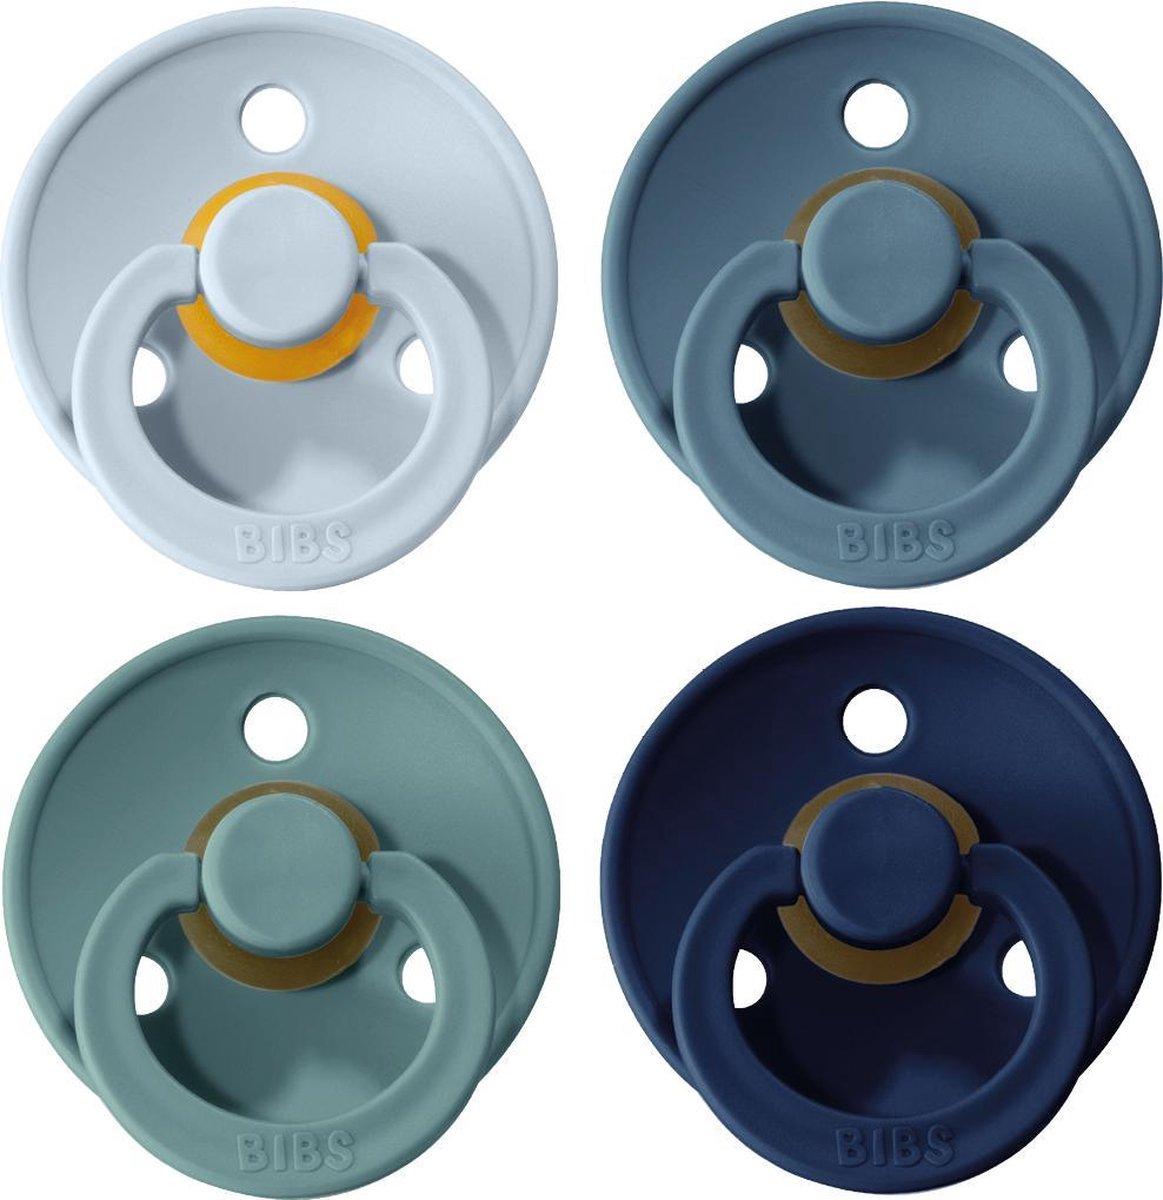 BIBS Fopspeen - Maat 2 (6-18 maanden) - 4 stuks - Baby Blue, Deep Space, Petrol en Island Sea (blauw